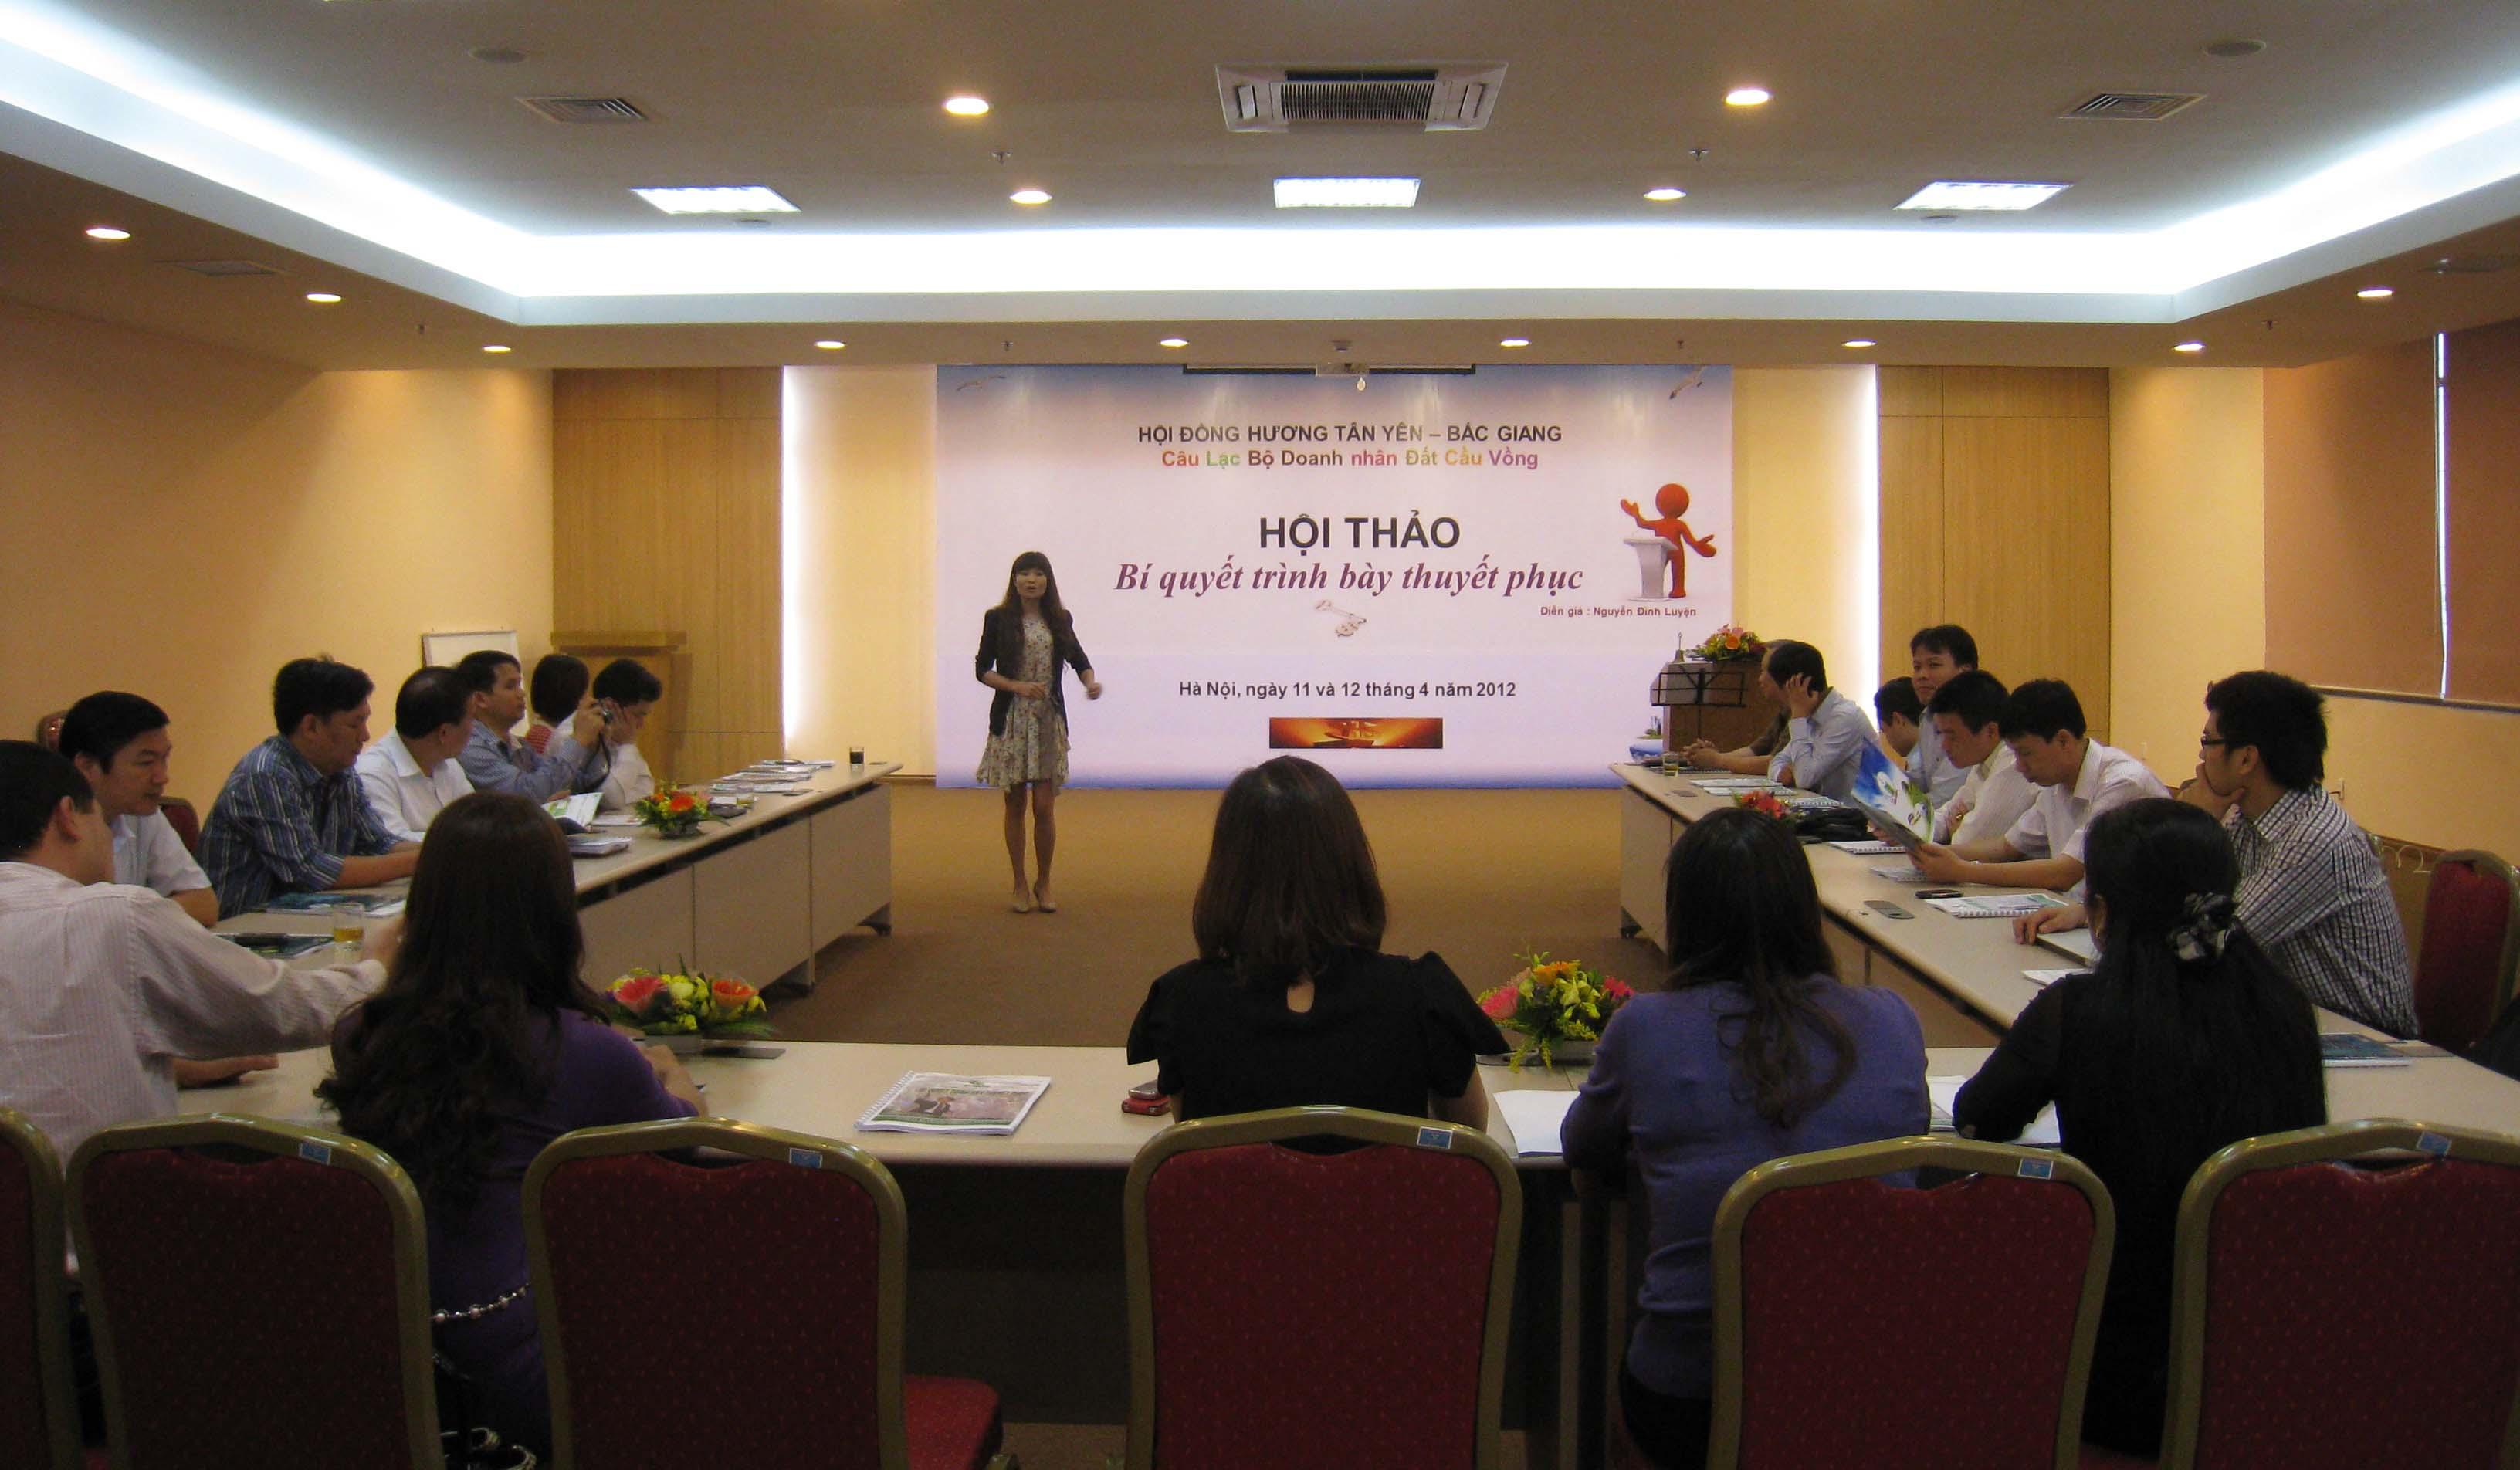 thi-truong-may-tro-giang-2015